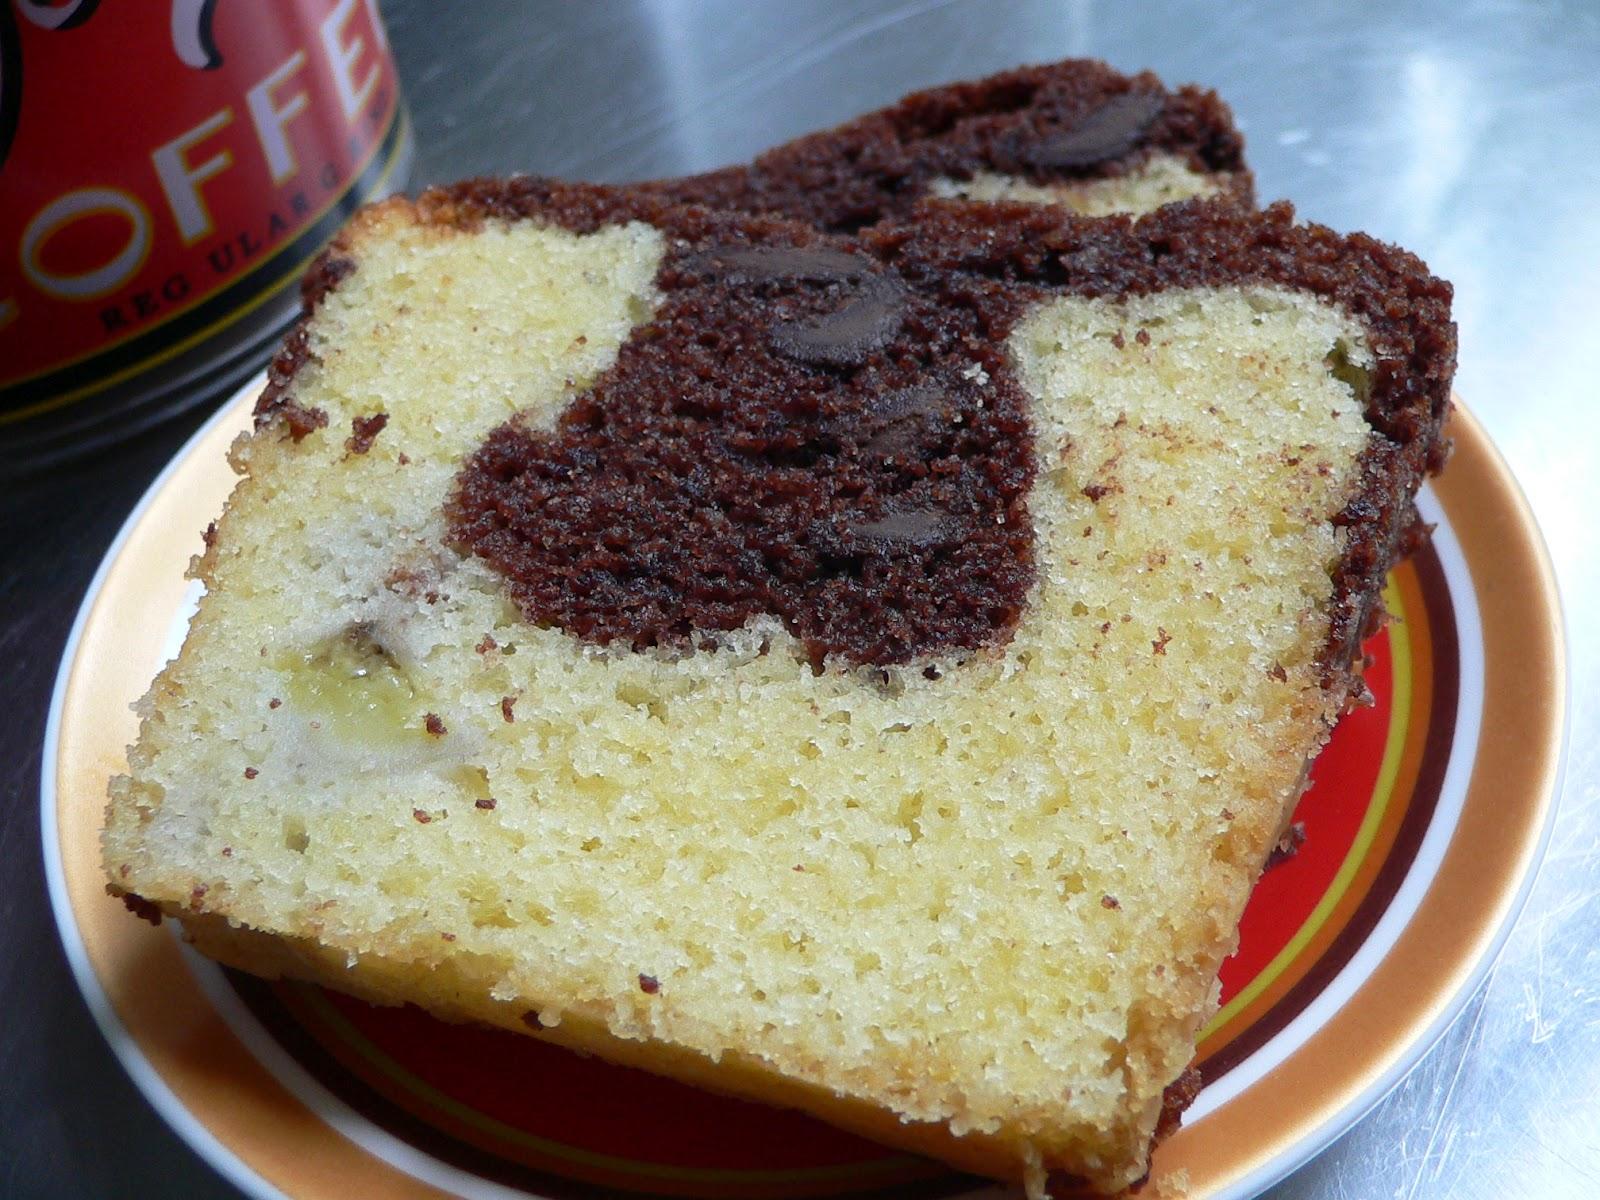 Chocoladecake met banaan